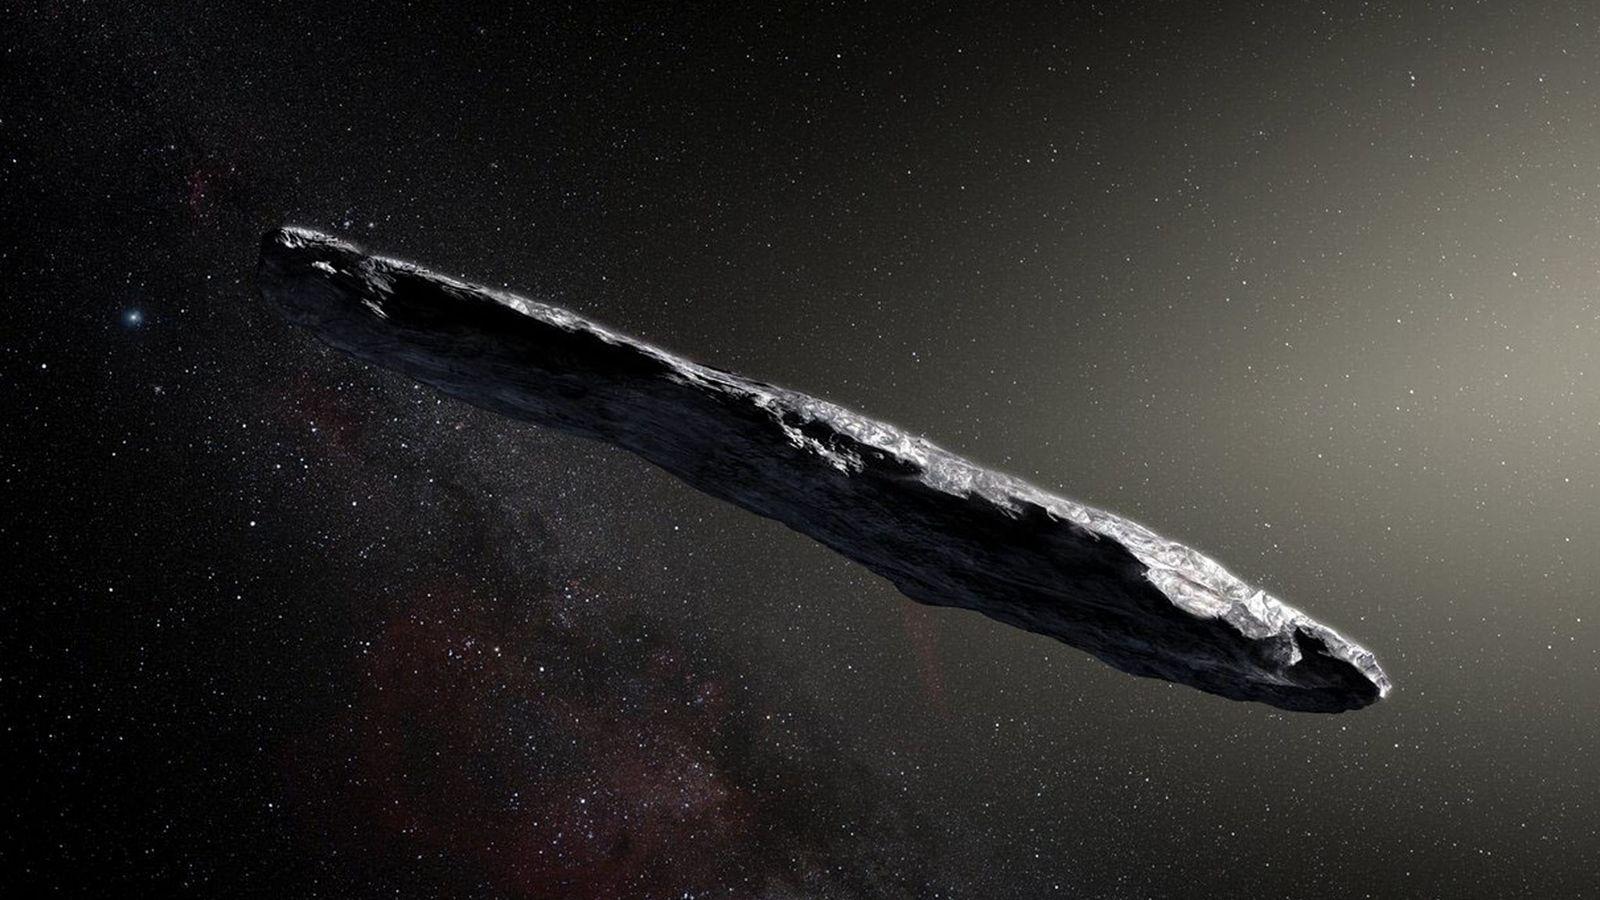 Diese künstlerische Darstellung zeigt den ersten uns bekannten interstellaren Asteroiden:  'Oumuamua. Das längliche Objekt von ...